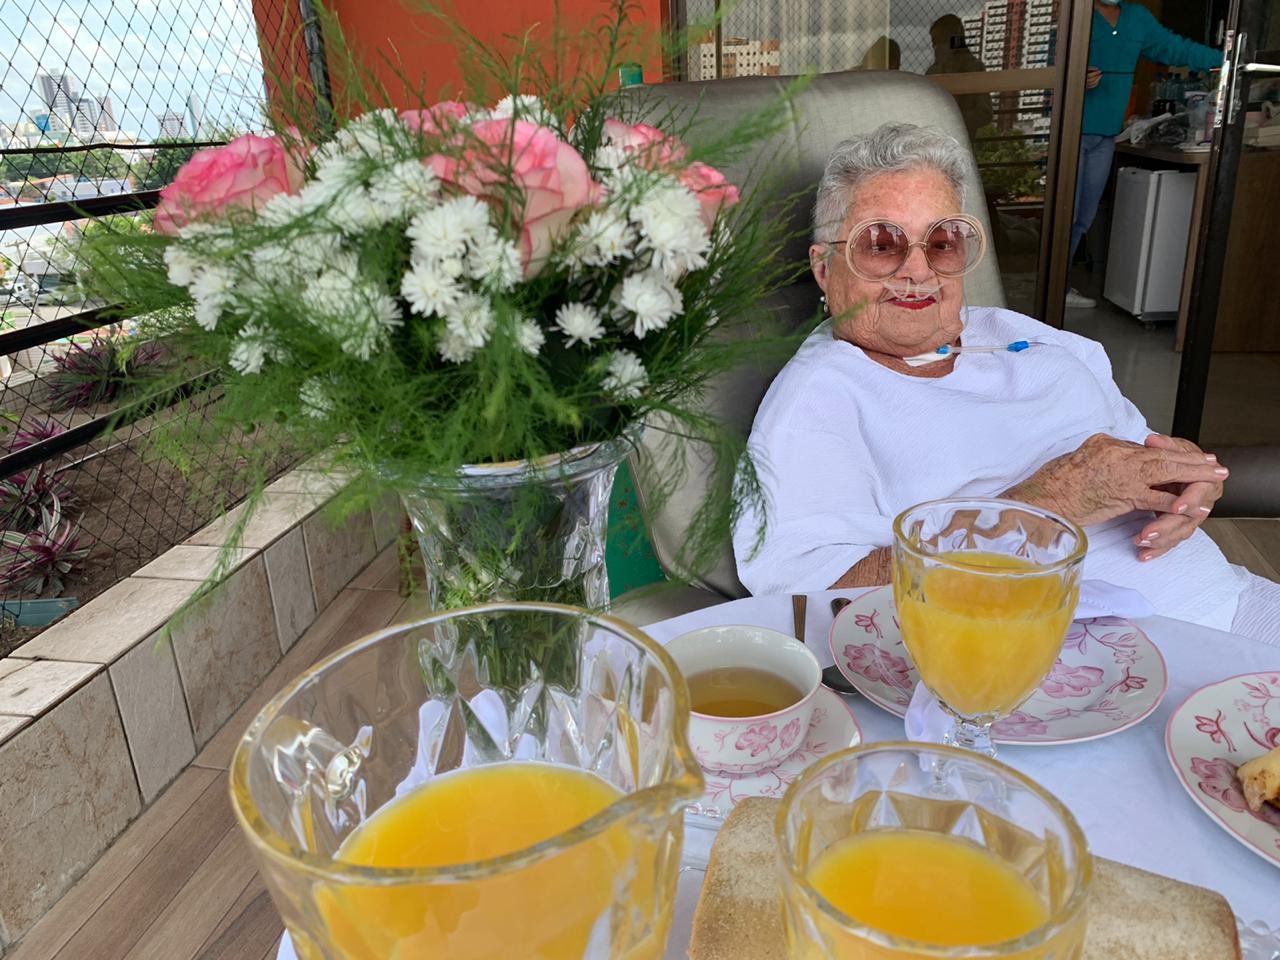 Dia do Desejo Paciente Francisca Menezes Sa Dona Amavel 3  - Unimed João Pessoa realiza pedidos especiais dos clientes no Dia do Desejo